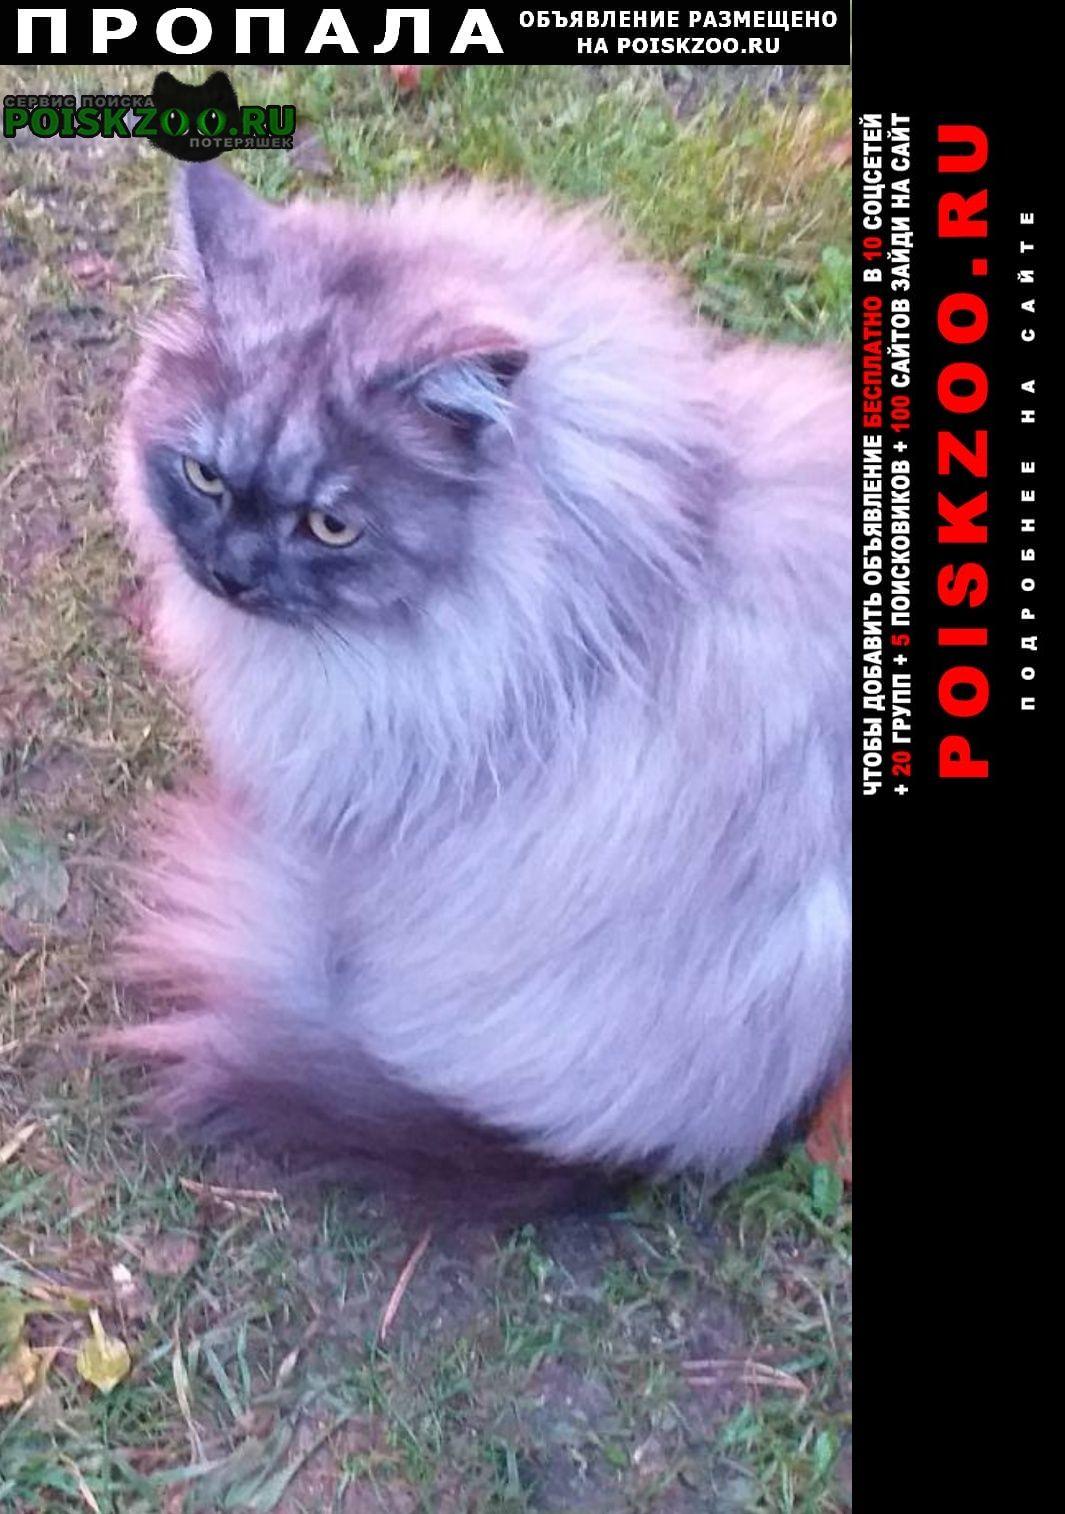 Пропала кошка телищево Ярославль